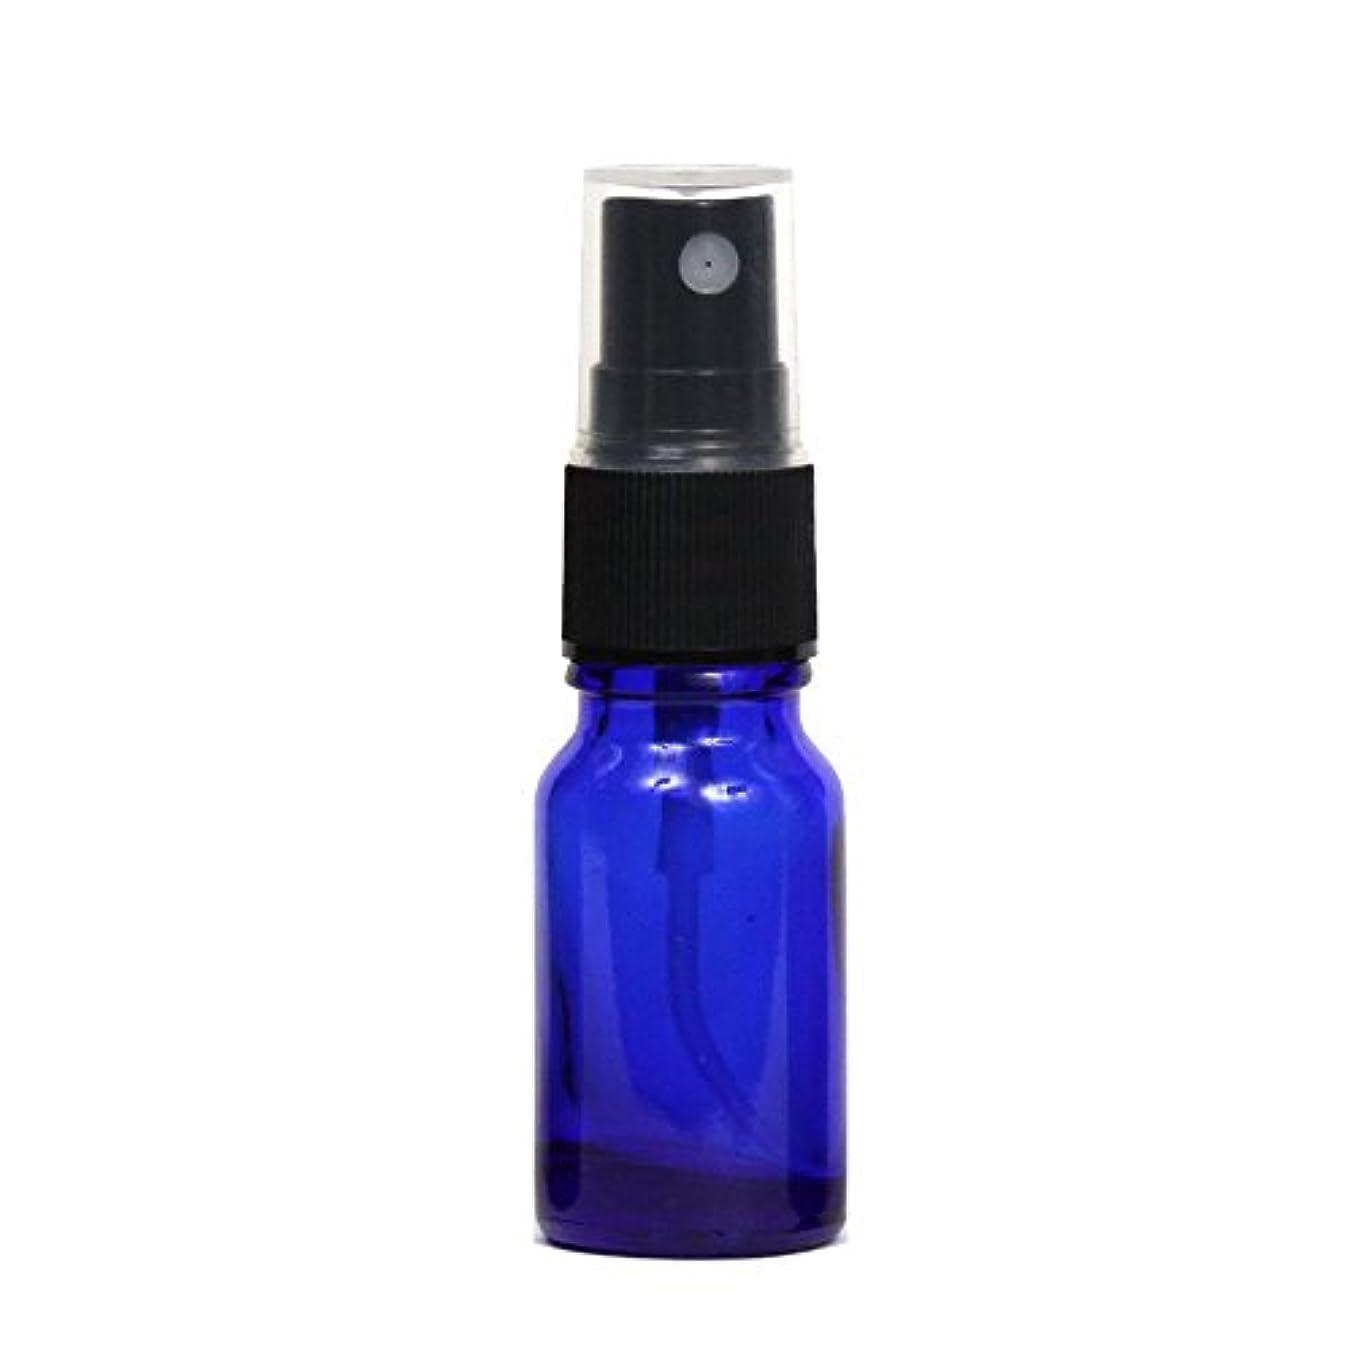 ラウンジ白雪姫不一致スプレーボトル ガラス瓶 10mL 遮光性ブルー ガラスアトマイザー 空容器